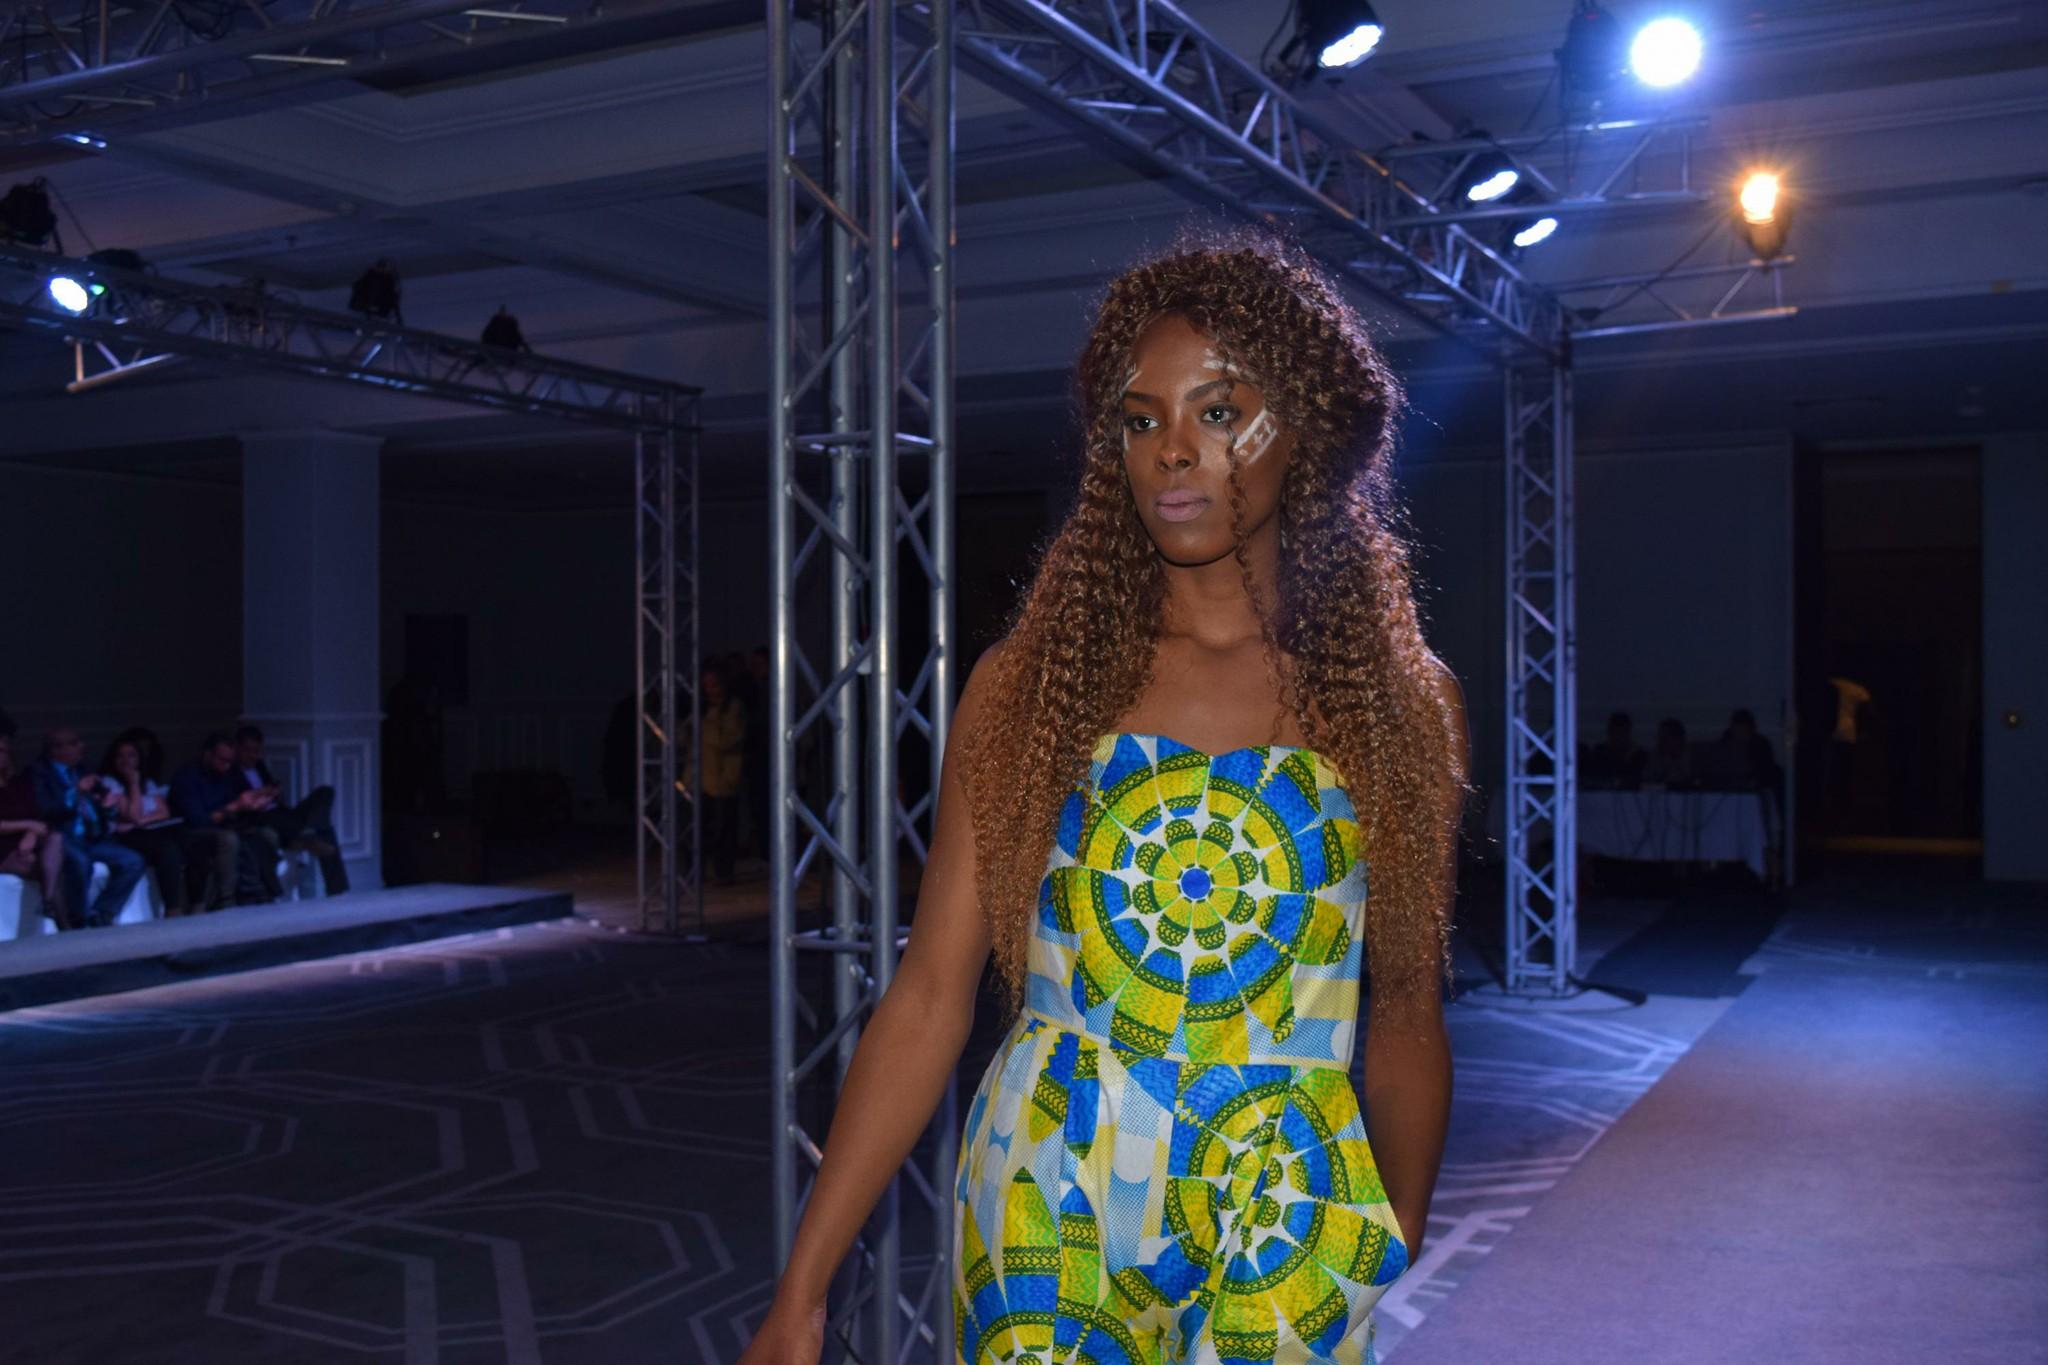 a3b3f25d4 موضة افريقيا : عرض ازياء افريقي بطريقة معاصرة و جذابة ( صور) - Arabeque